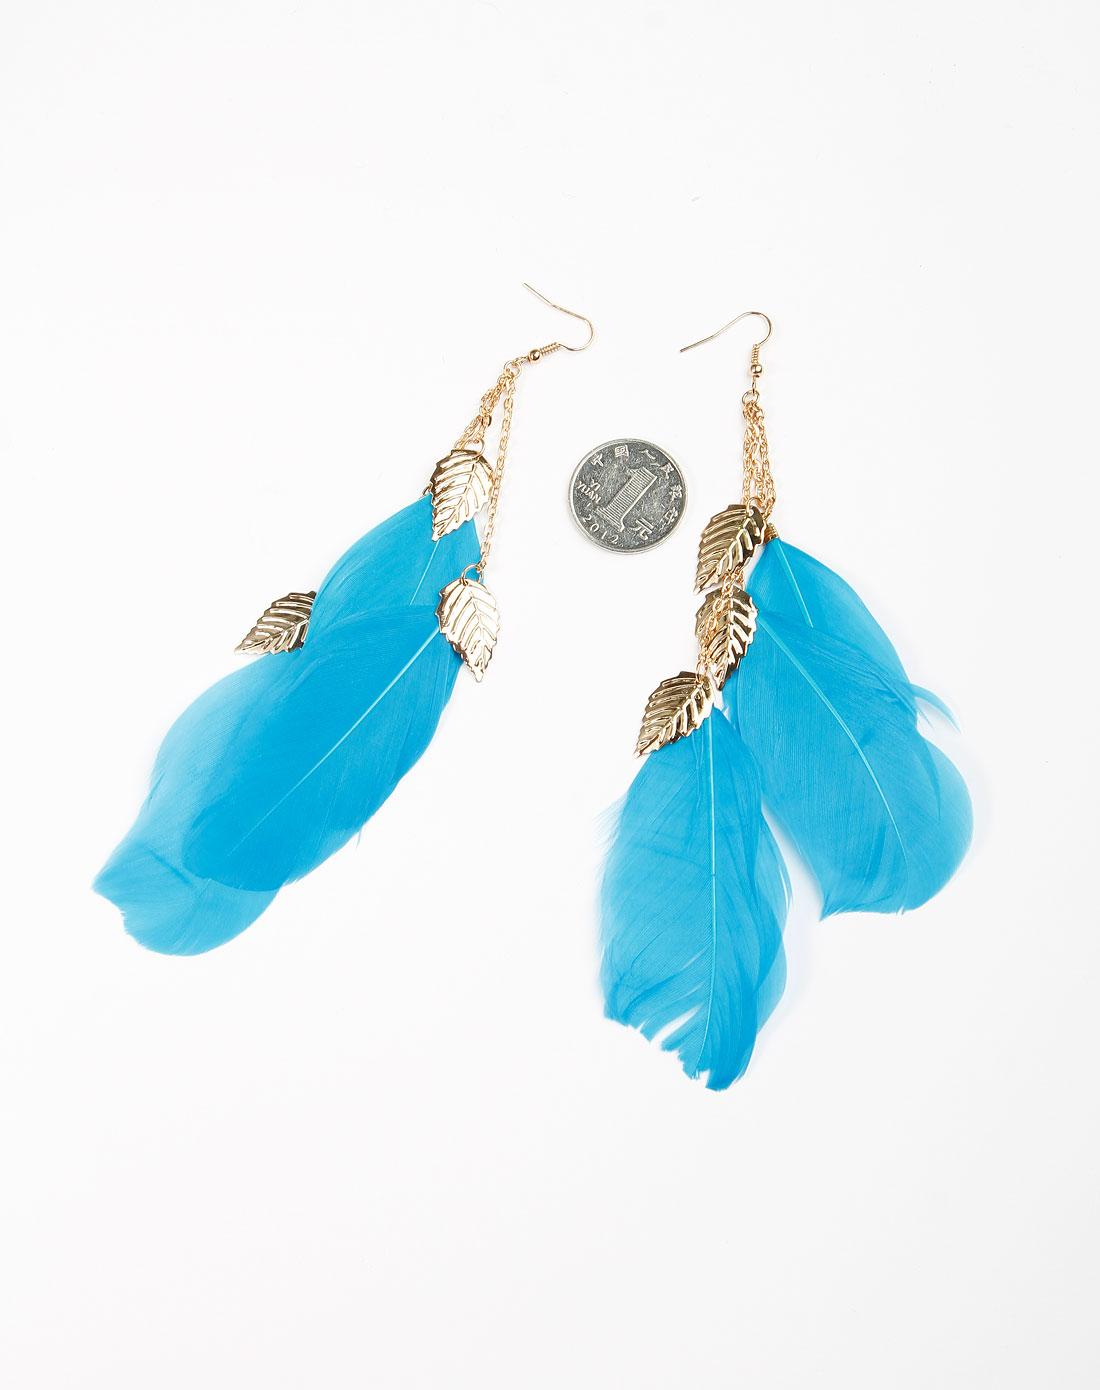 蓝/金色羽毛耳环